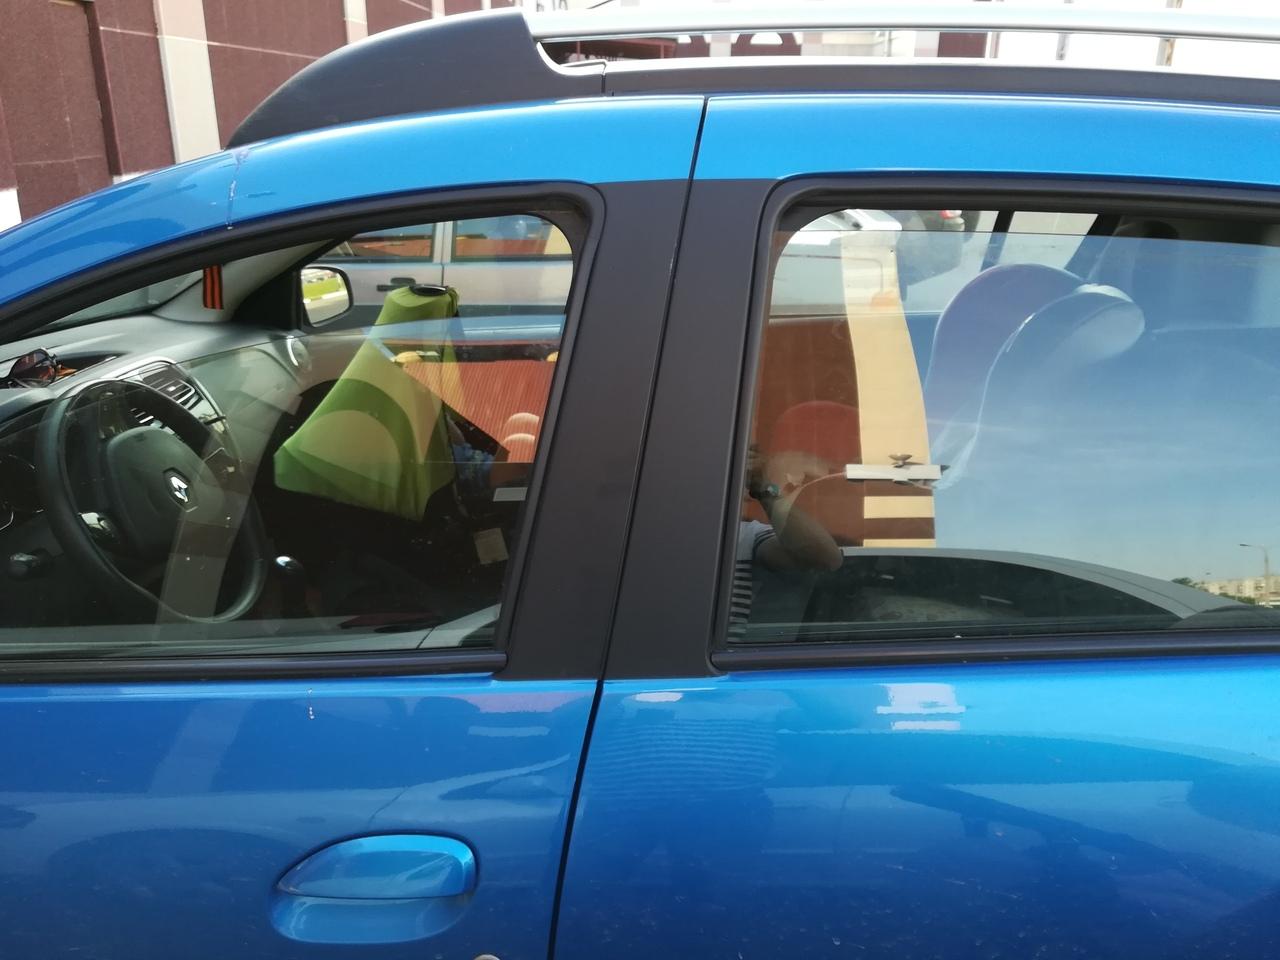 Многодетная ярославна оставила малыша в машине на парковке в почти 30-градусную жару